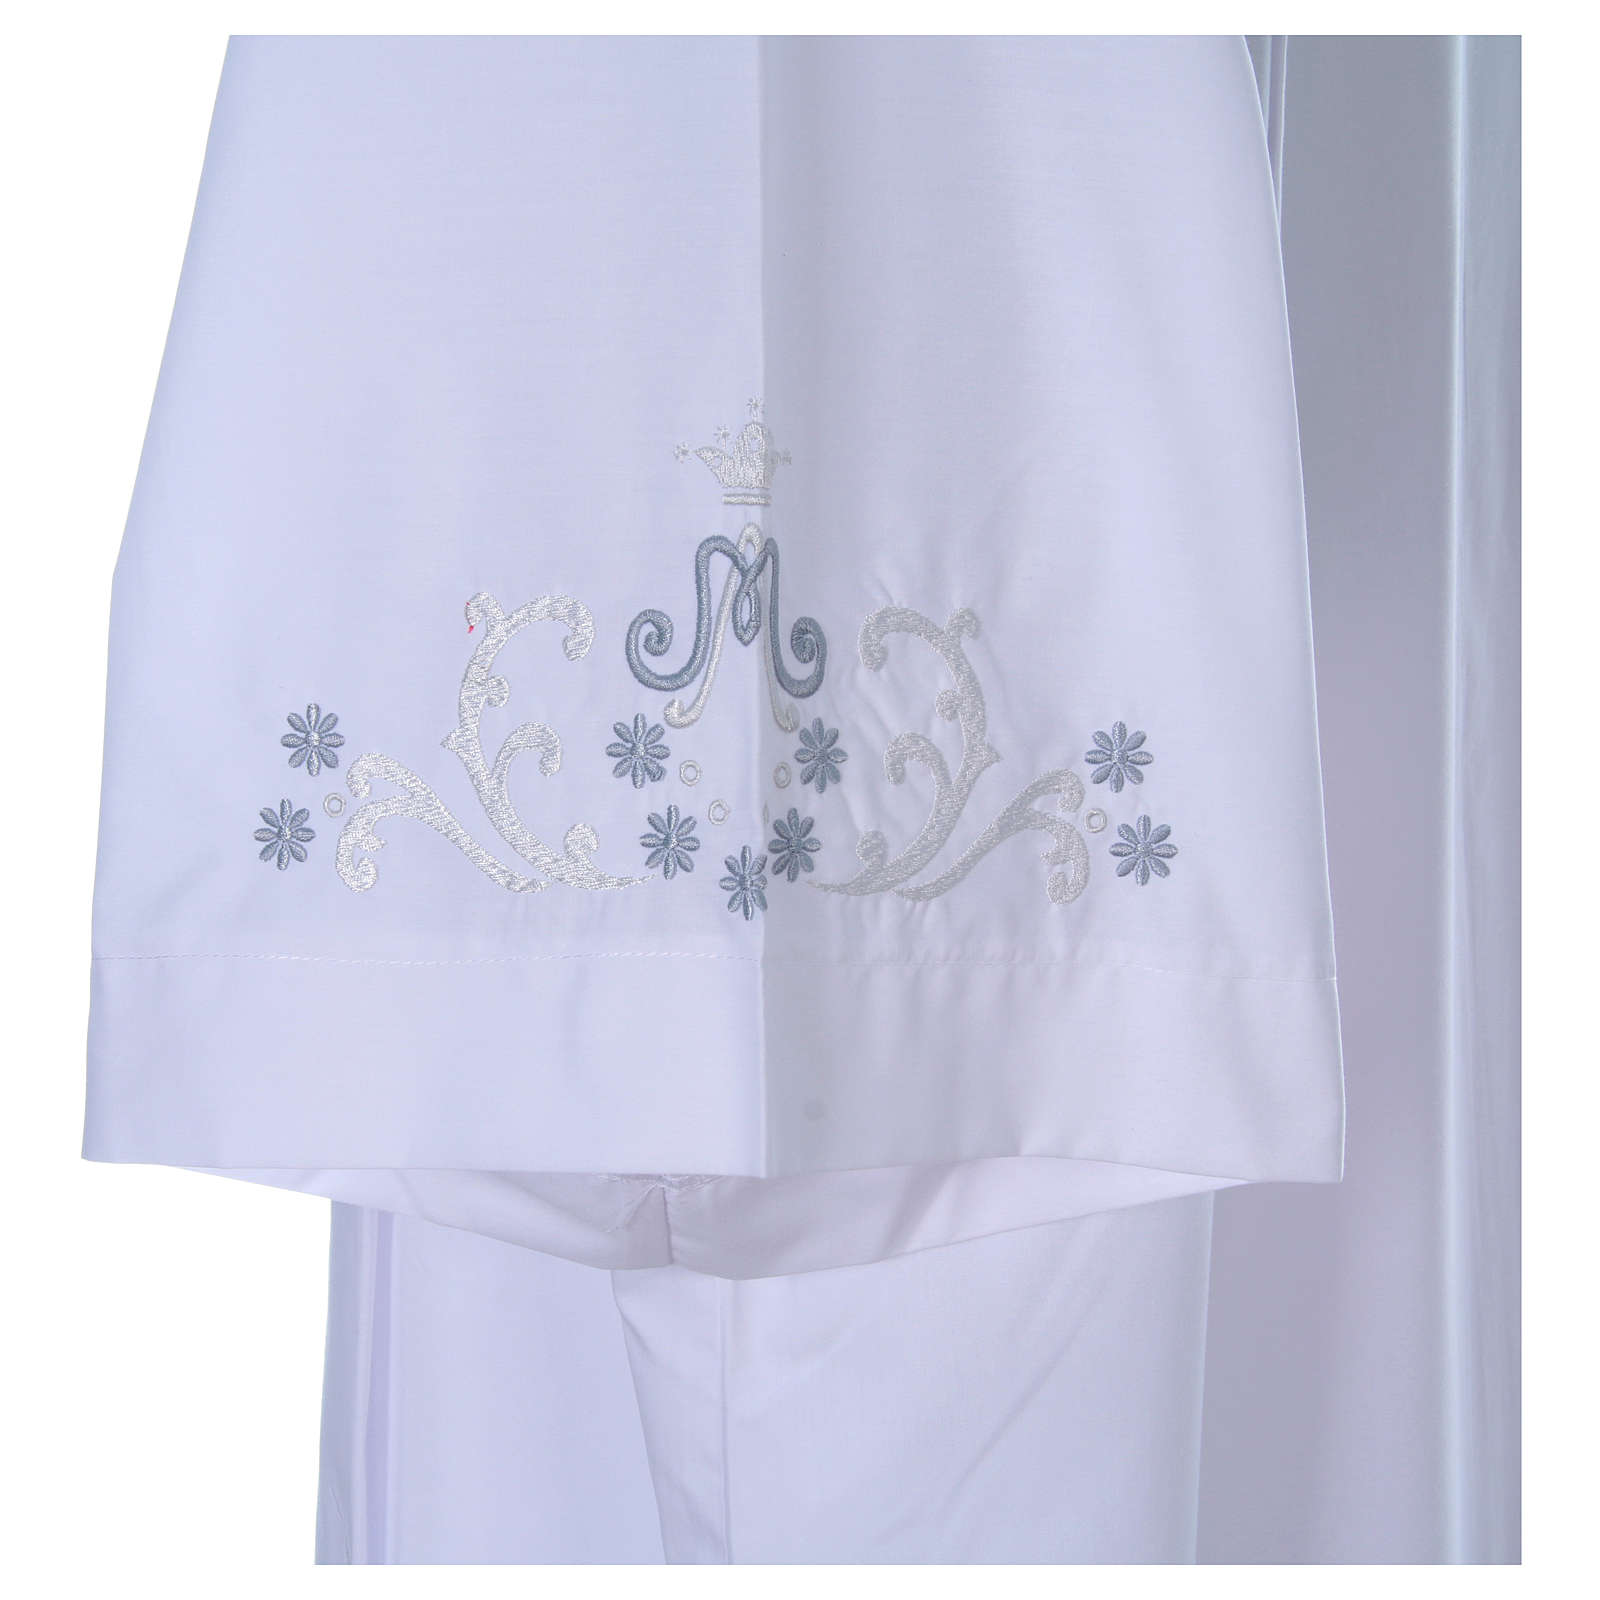 Alba z haftem Maryjnym przód tył rękaw bawełna mieszana 4